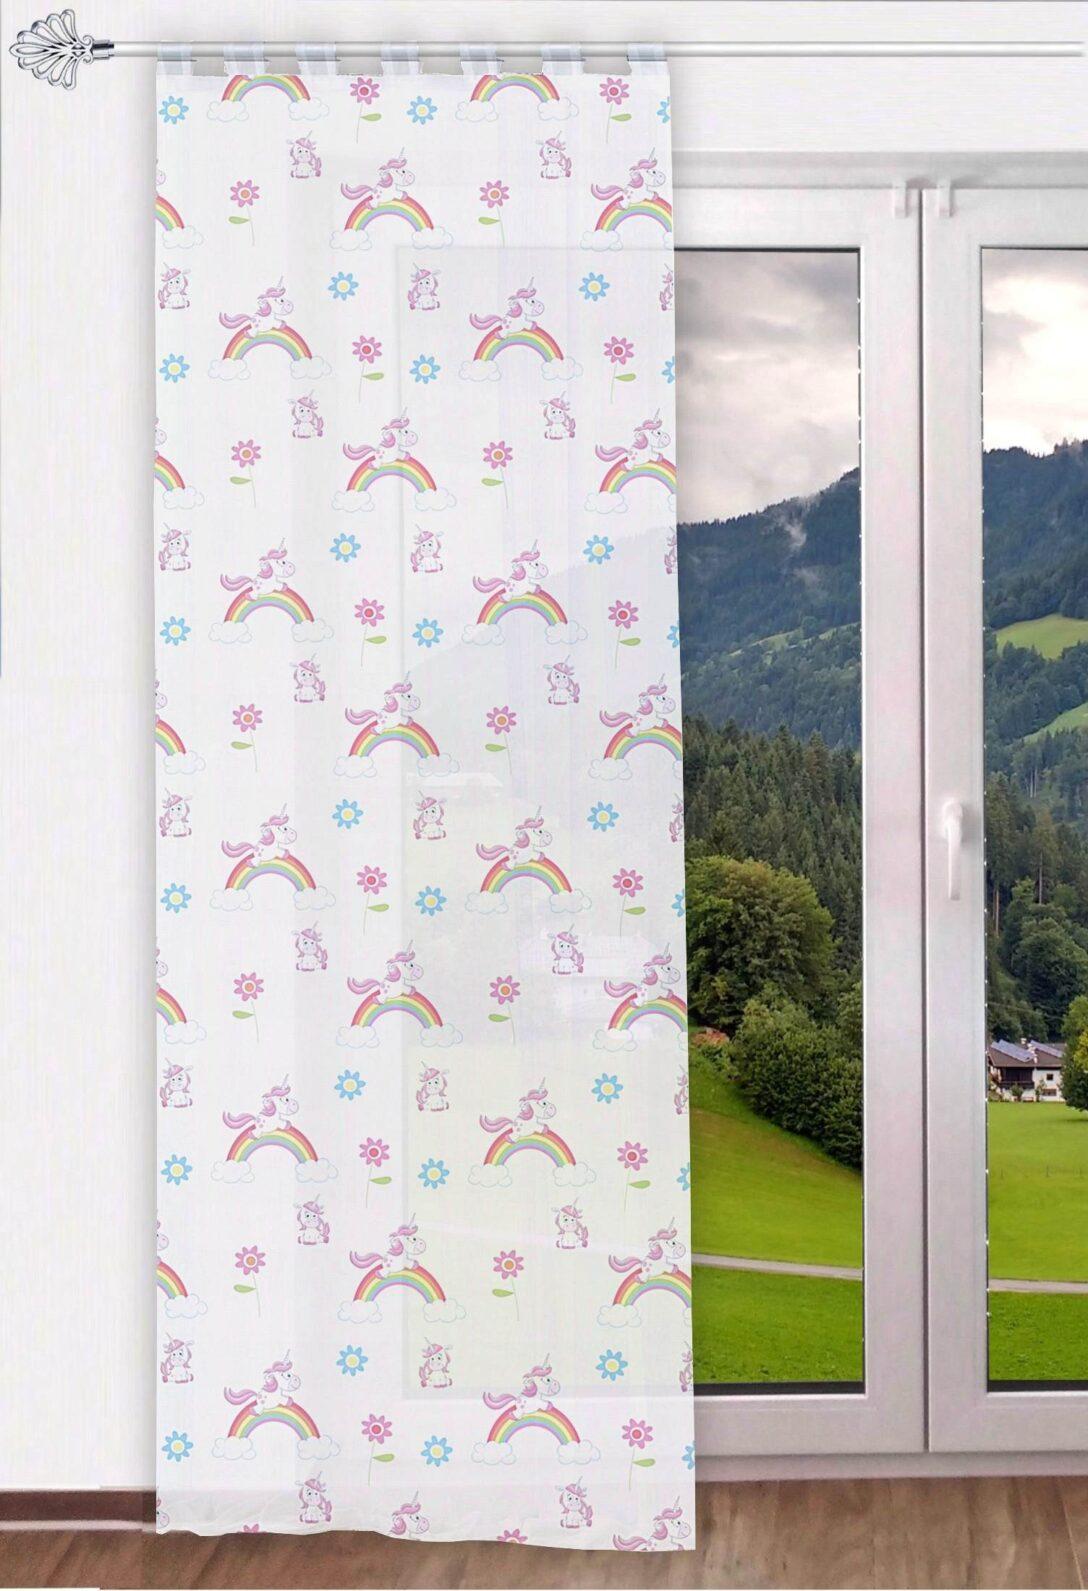 Large Size of Raffrollo Kinderzimmer Gardinen Welt Online Shop Moderner Schlaufenschal Aus Küche Regal Sofa Regale Weiß Kinderzimmer Raffrollo Kinderzimmer